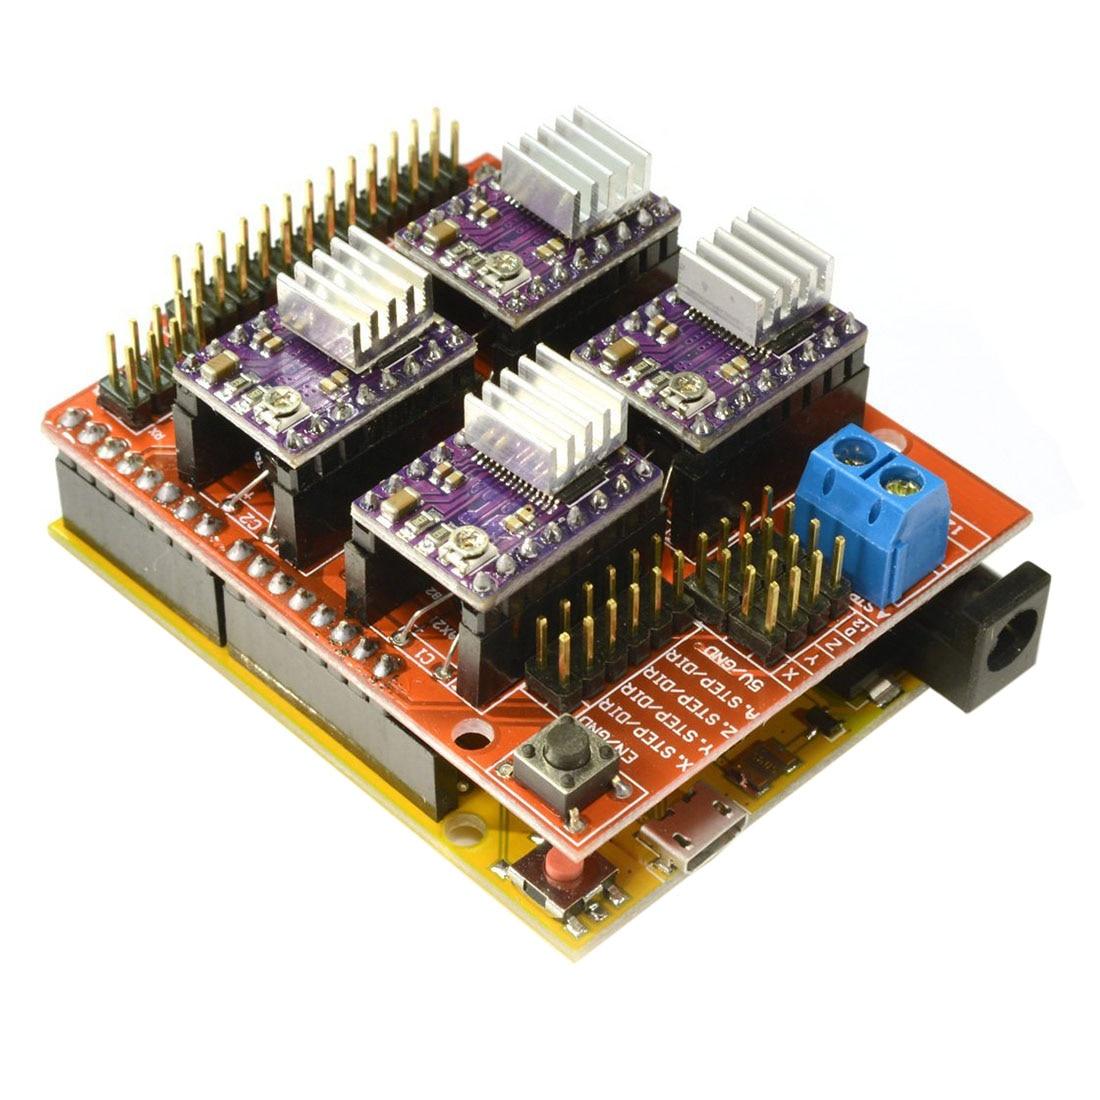 CNC V3 Shield + UNO R3 for Arduino Compatible Board + 4x TI DRV8825 StepStick Stepper Drivers Red+purple 4pcs drv8825 stepper motor driver heatsink cnc shield expansion board uno r3 board usb cable kits for arduino v3 3d printer